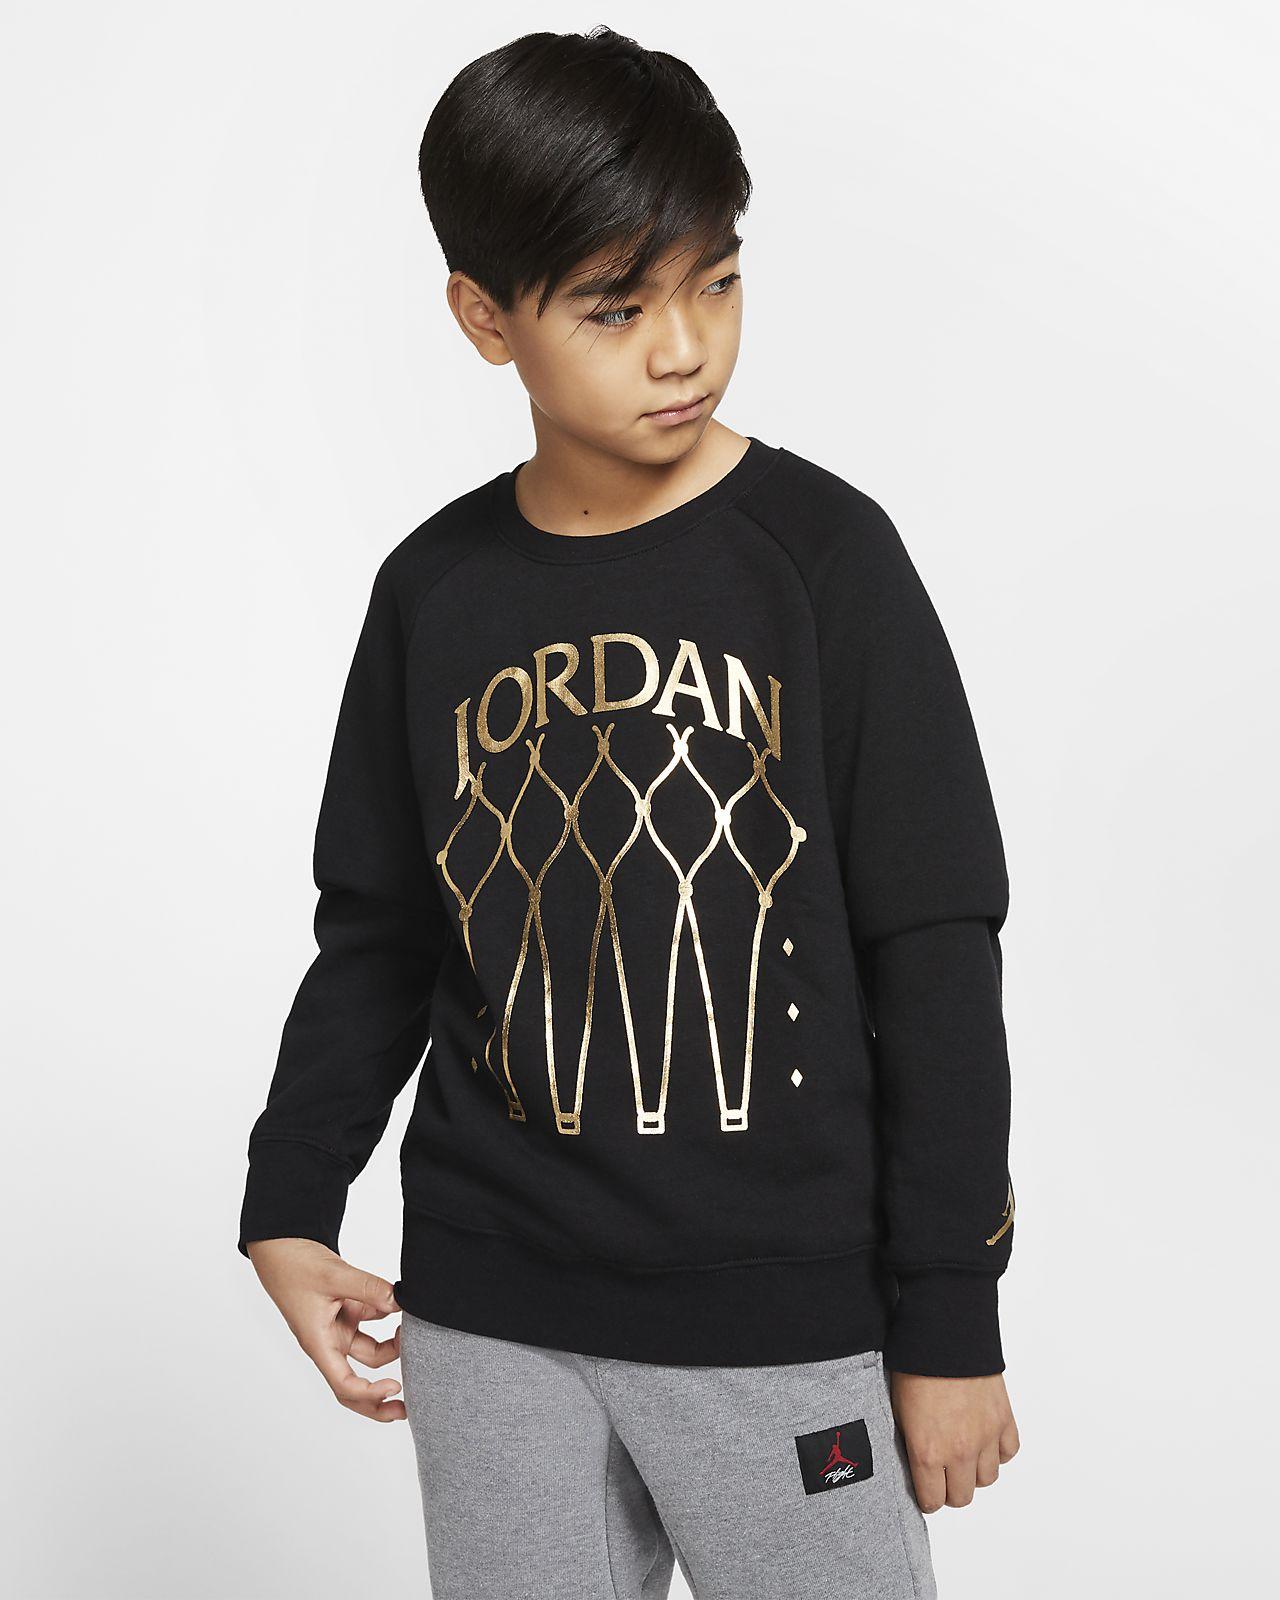 Jordan Jumpman Older Kids' (Boys') Fleece Crew